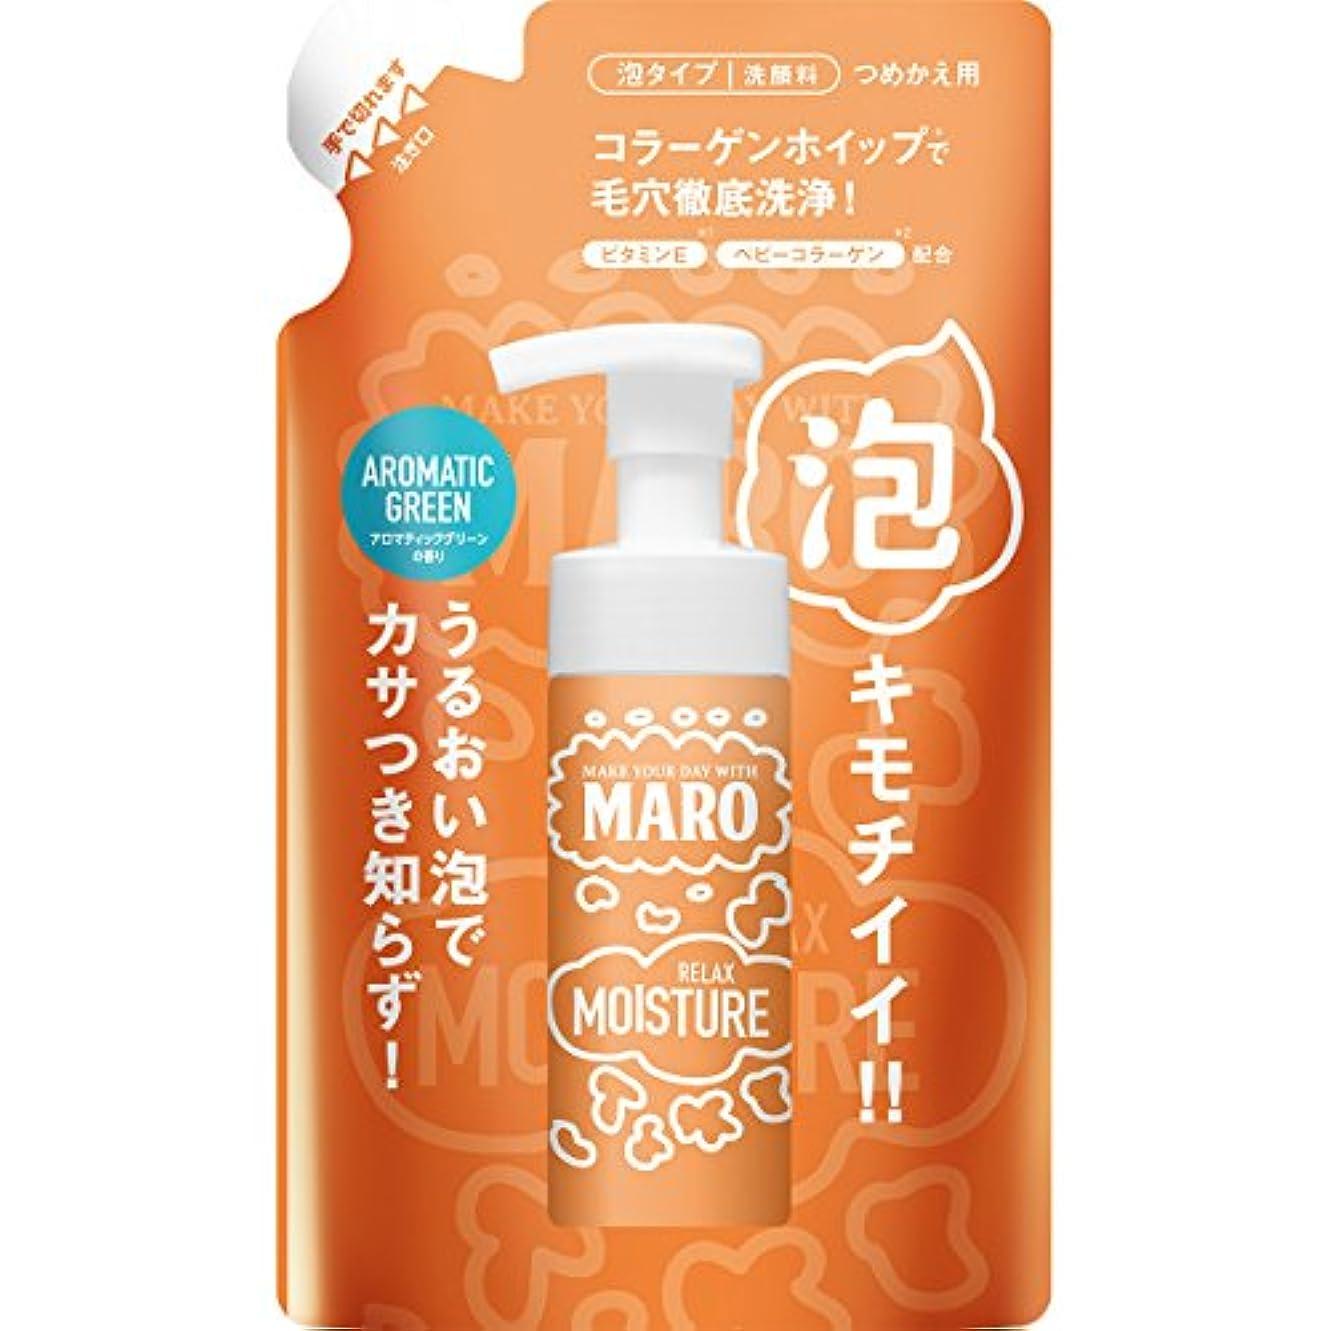 物理同性愛者つかいますMARO グルーヴィー 泡洗顔 詰め替え リラックスモイスチャー 130ml